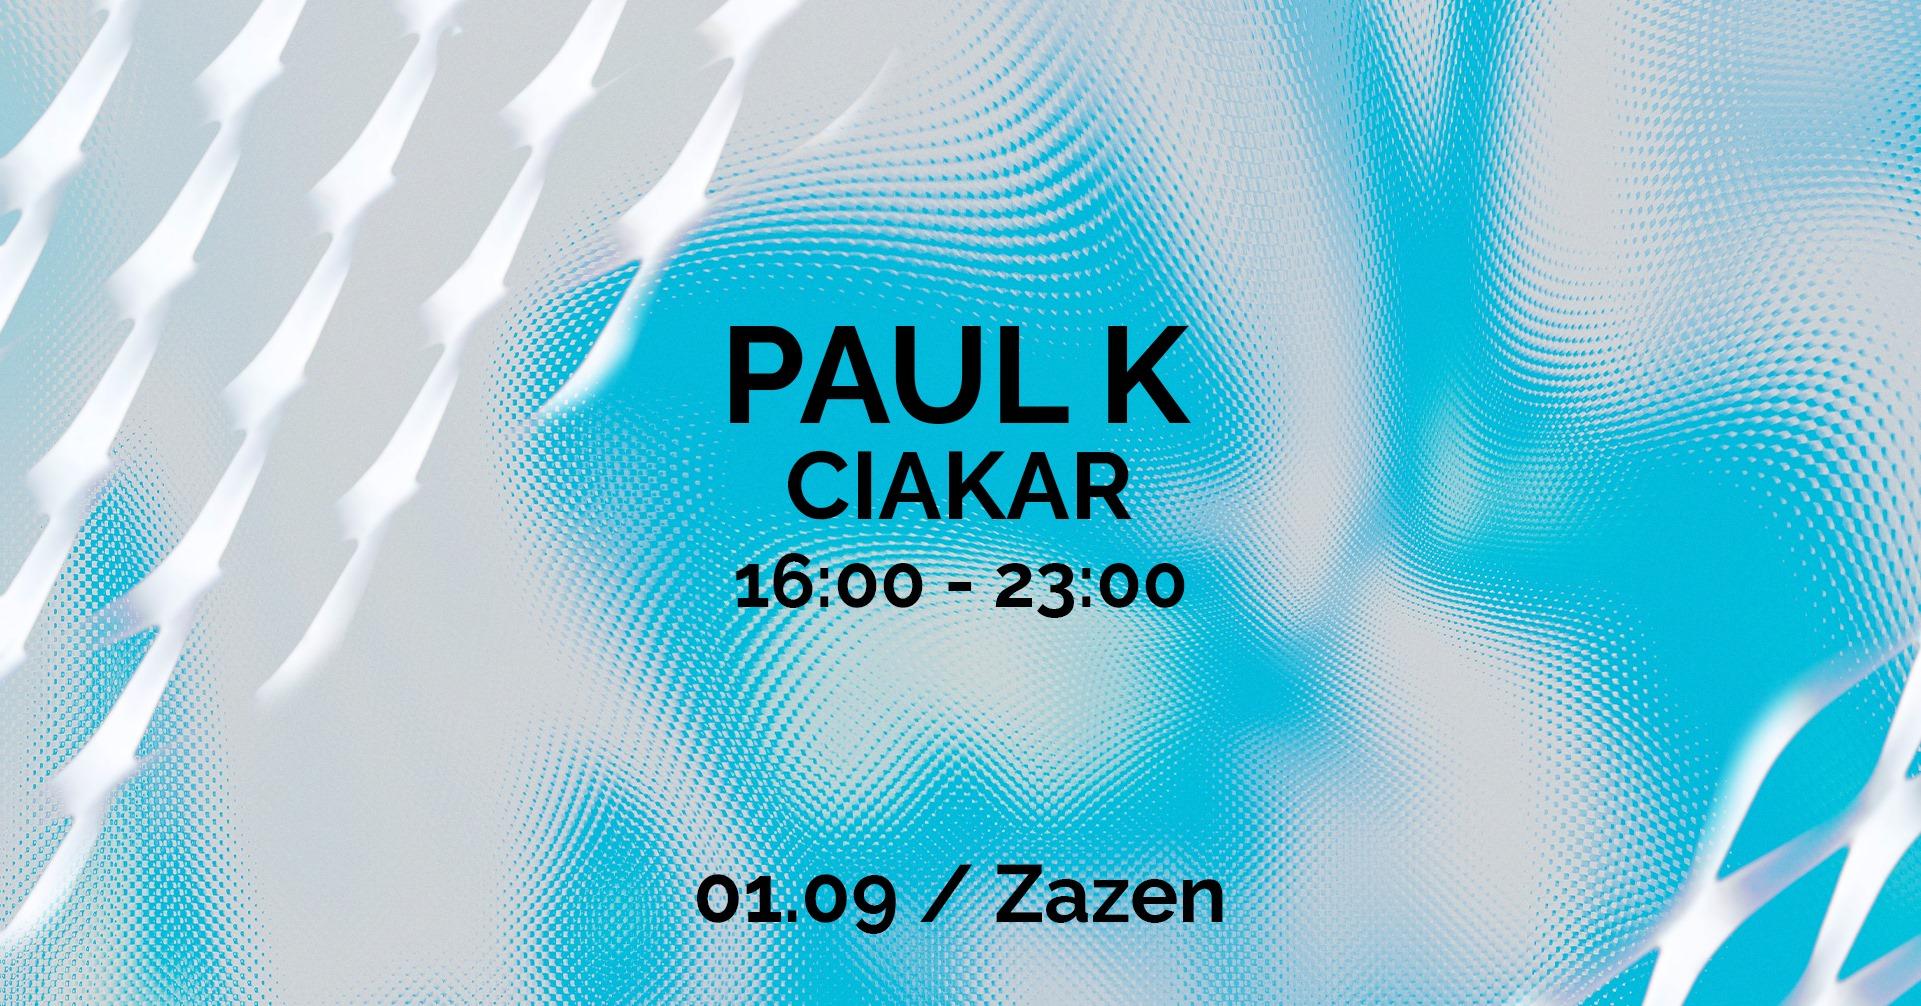 Paul Ciakar